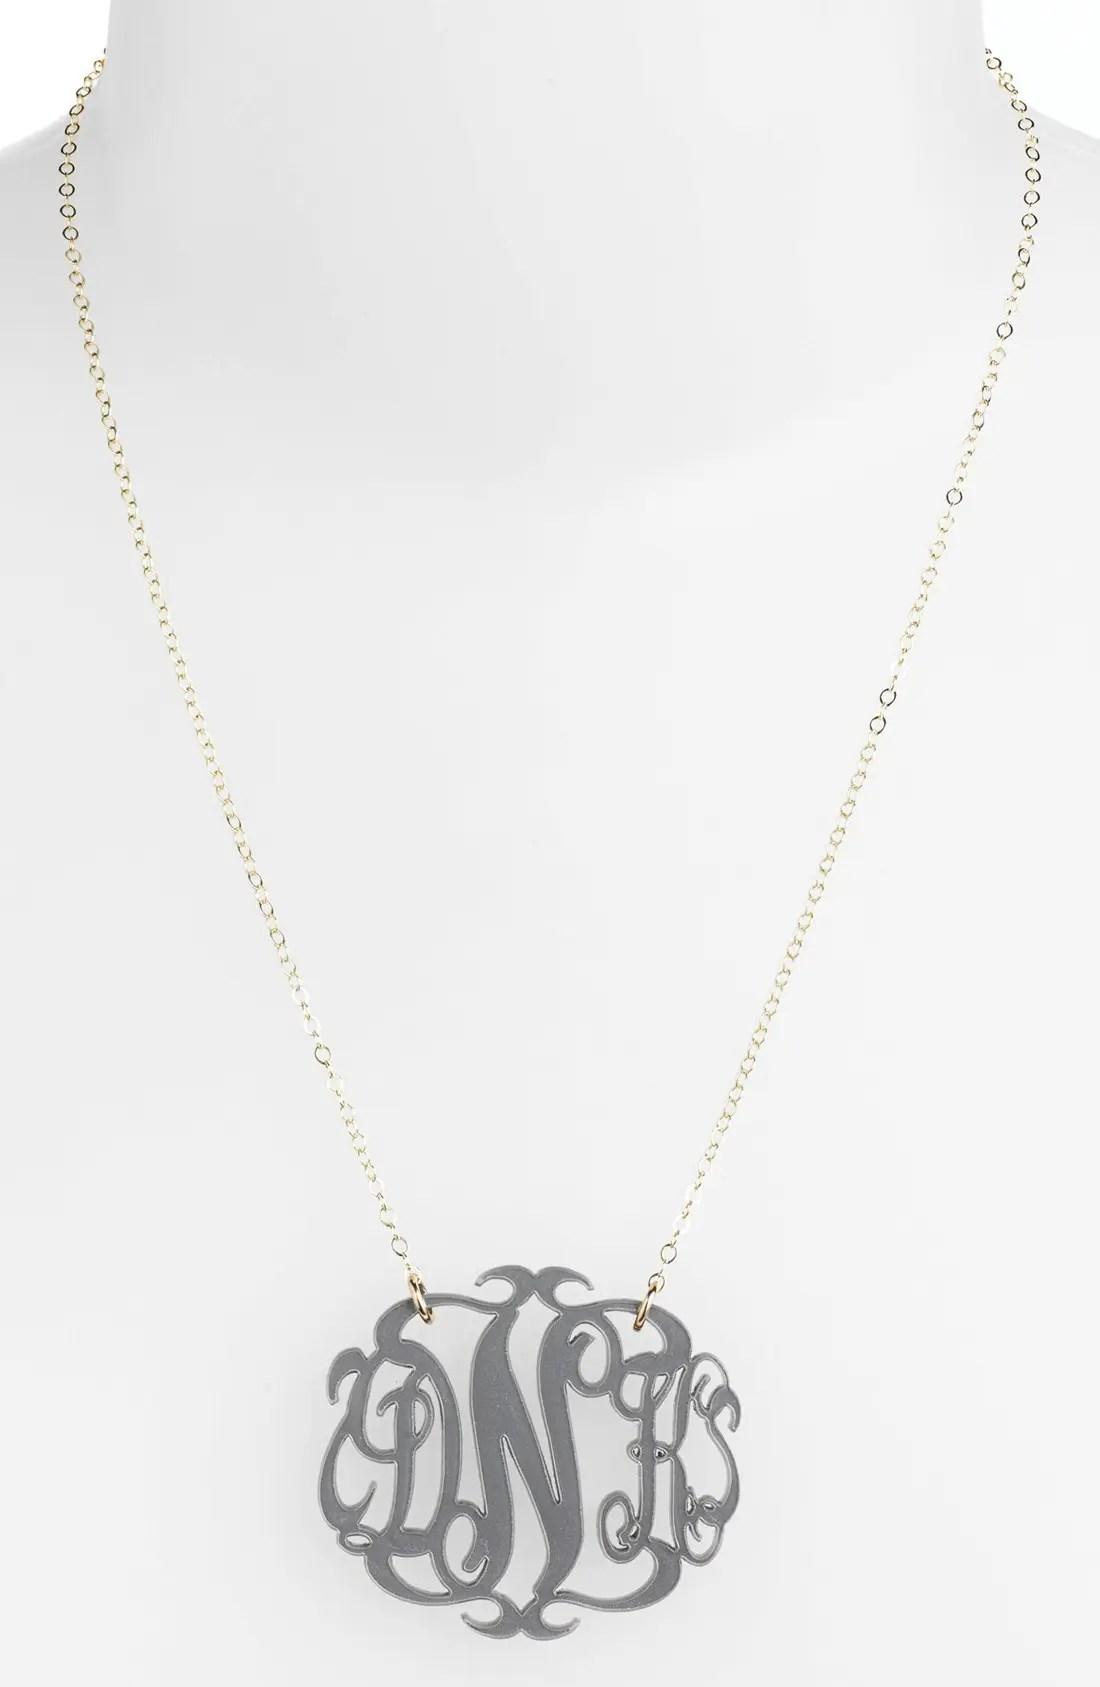 modern monogram necklace